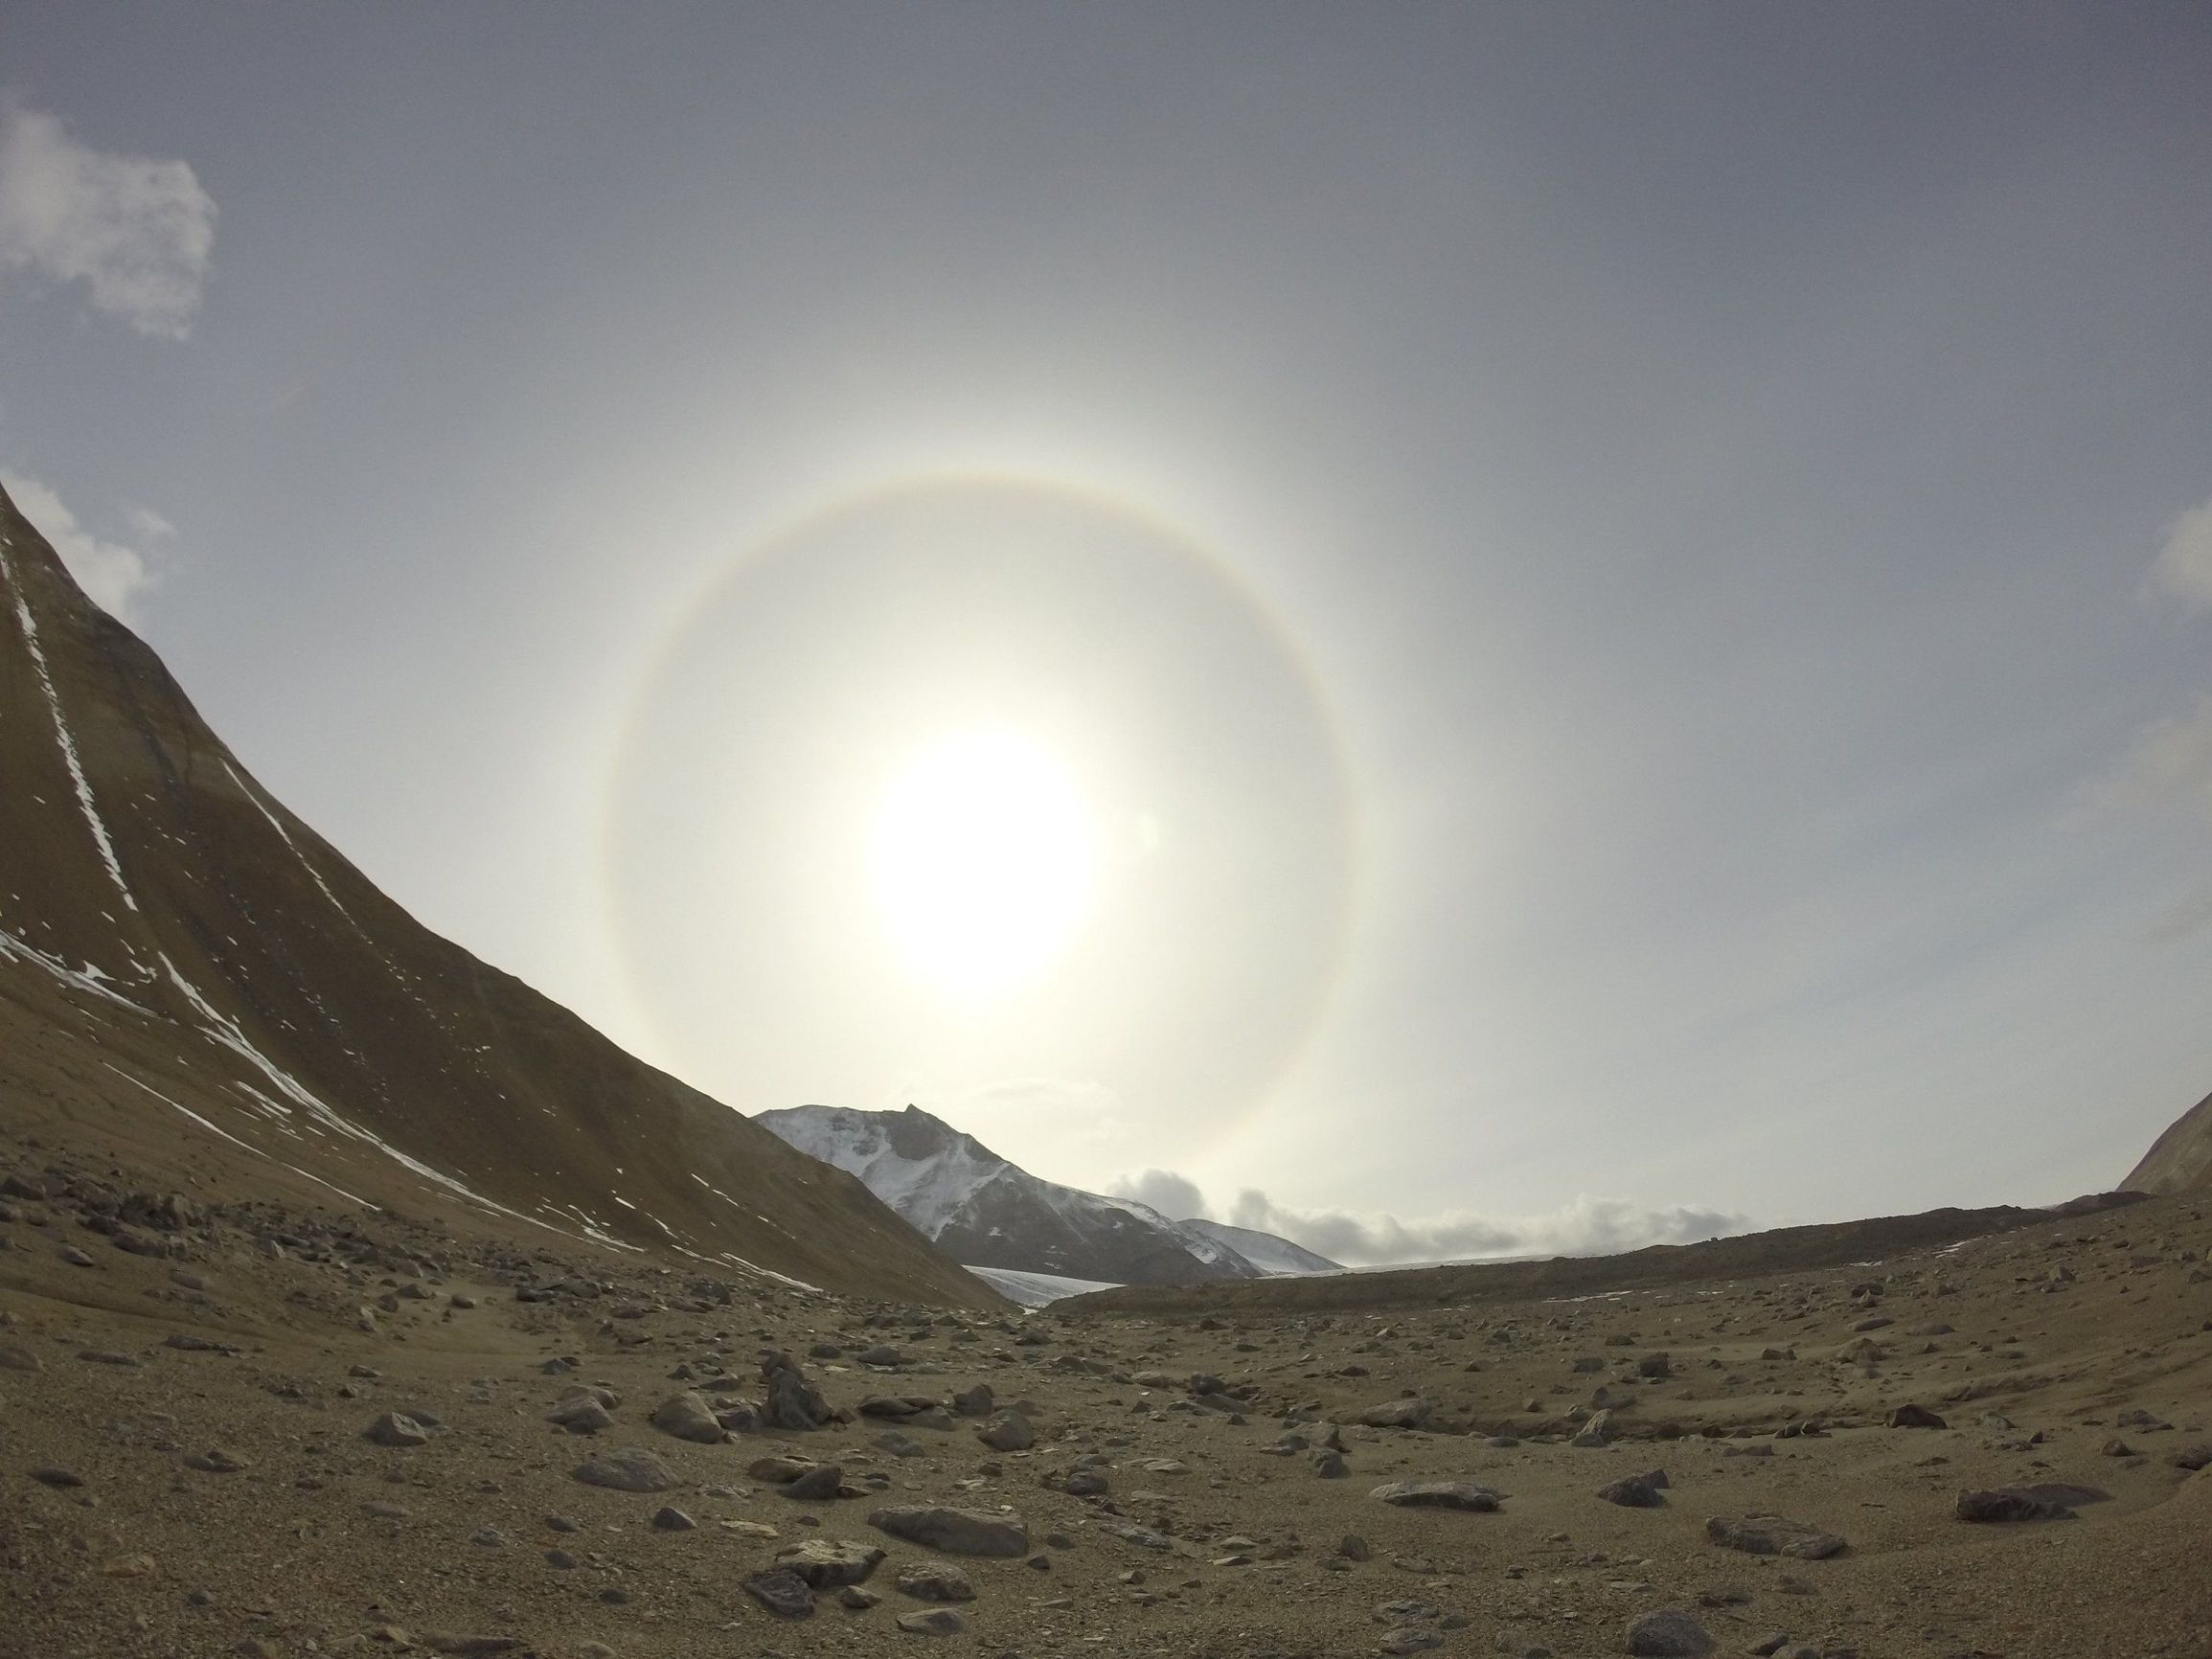 在南极干旱的山谷,气候变化引起土壤变化的早期迹象